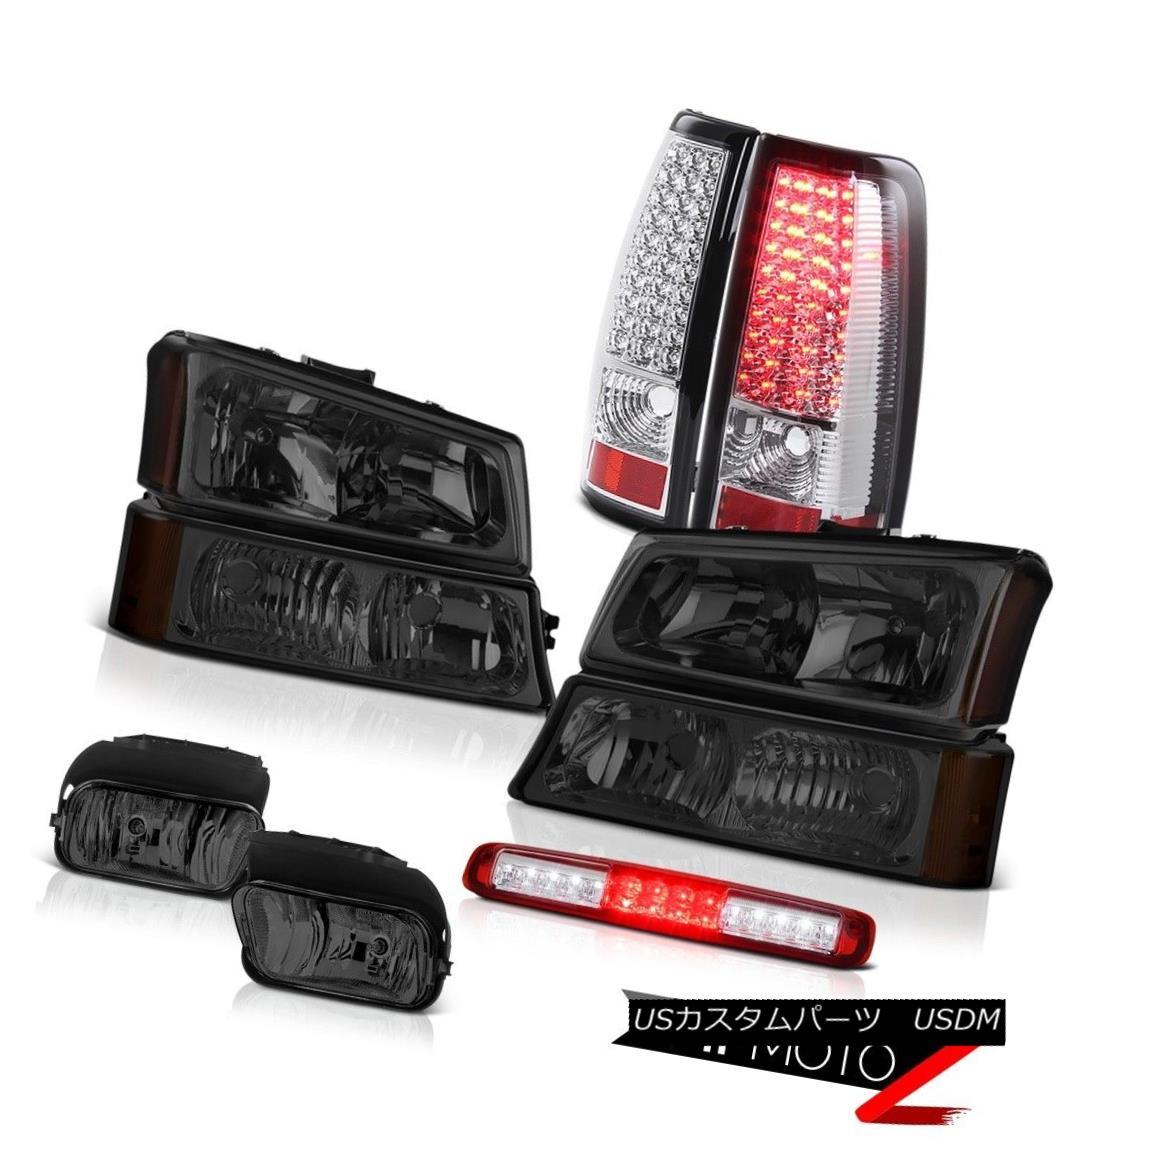 テールライト 03 04 05 06 Silverado Headlights Fog Lights Red Roof Cargo Light Chrome Tail 03 04 05 06 Silveradoヘッドライトフォグライトレッドルーフカーゴライトクロームテール